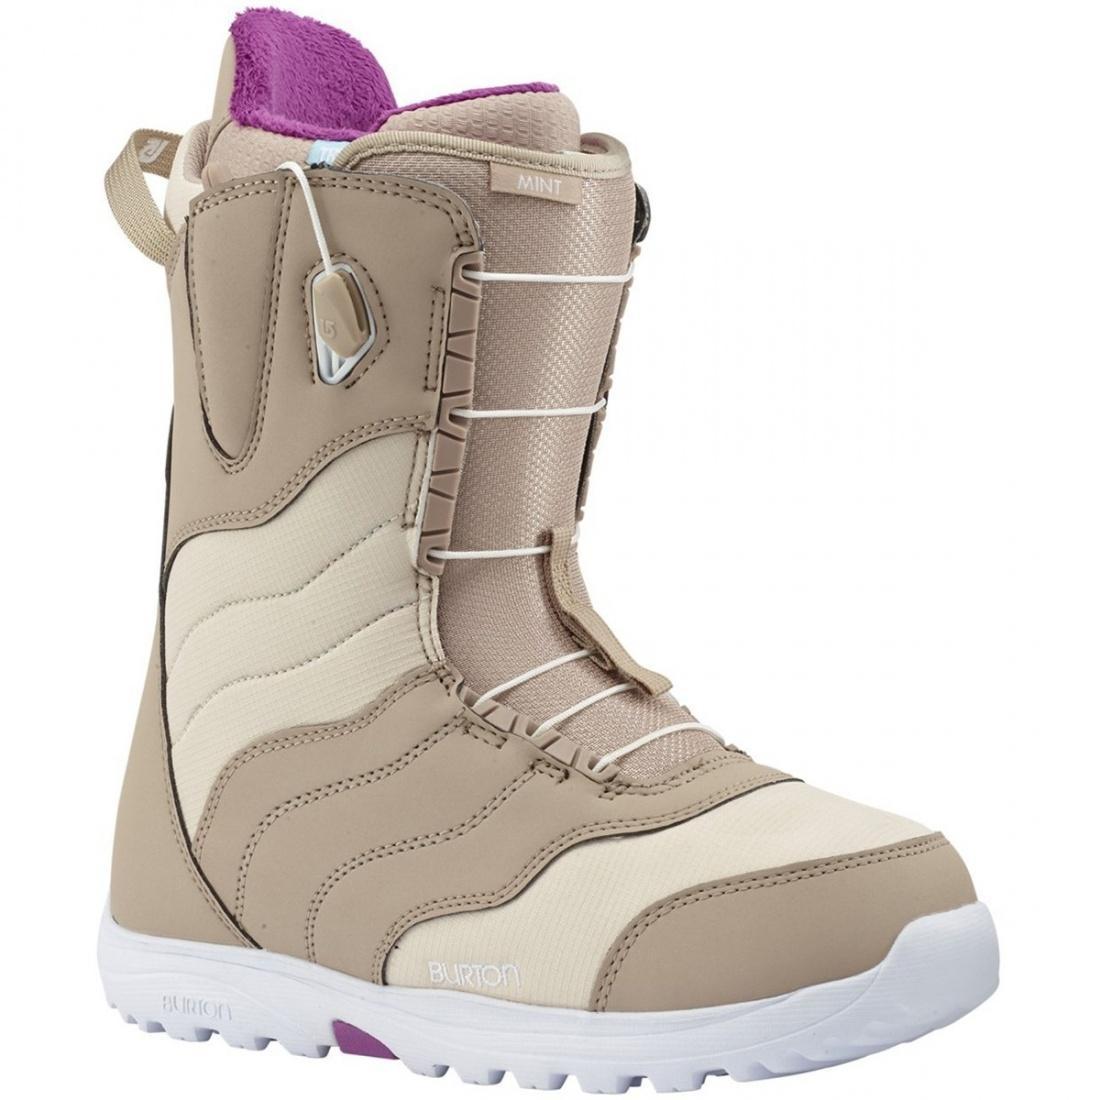 Ботинки сноубордические MINT фото